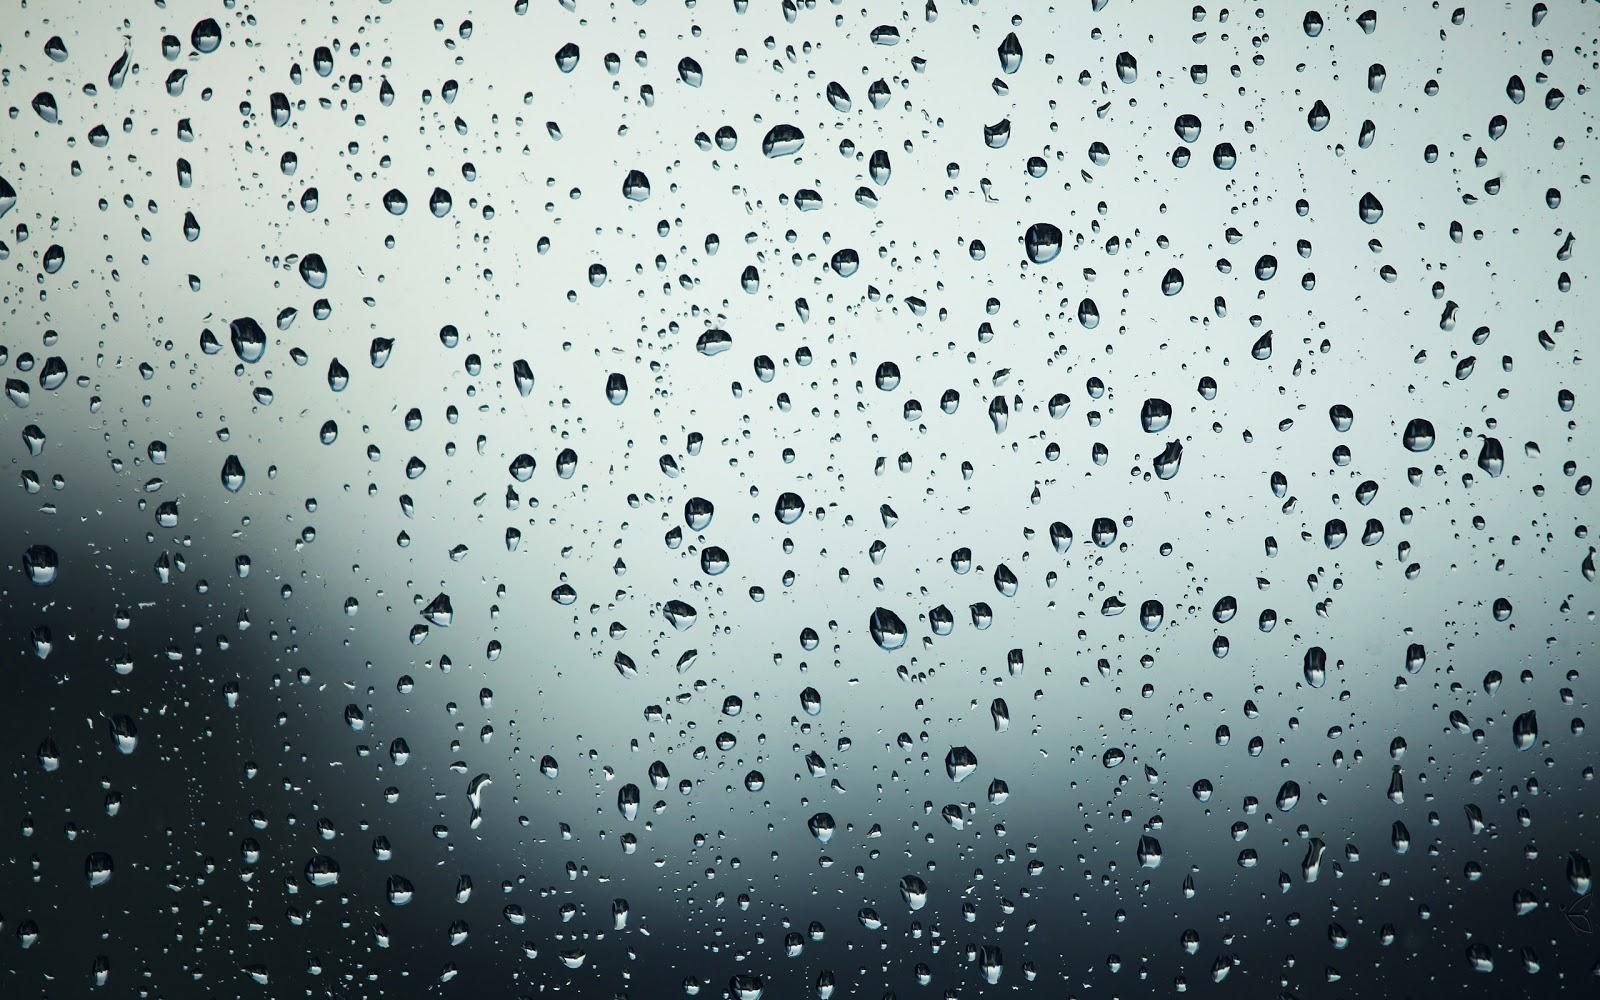 https://1.bp.blogspot.com/-tEW_n8B5QfM/TcXHXOX1LJI/AAAAAAAAHlg/H5hYLlP91us/s1600/2560+Drops+HD+wallpaper+rain.jpg